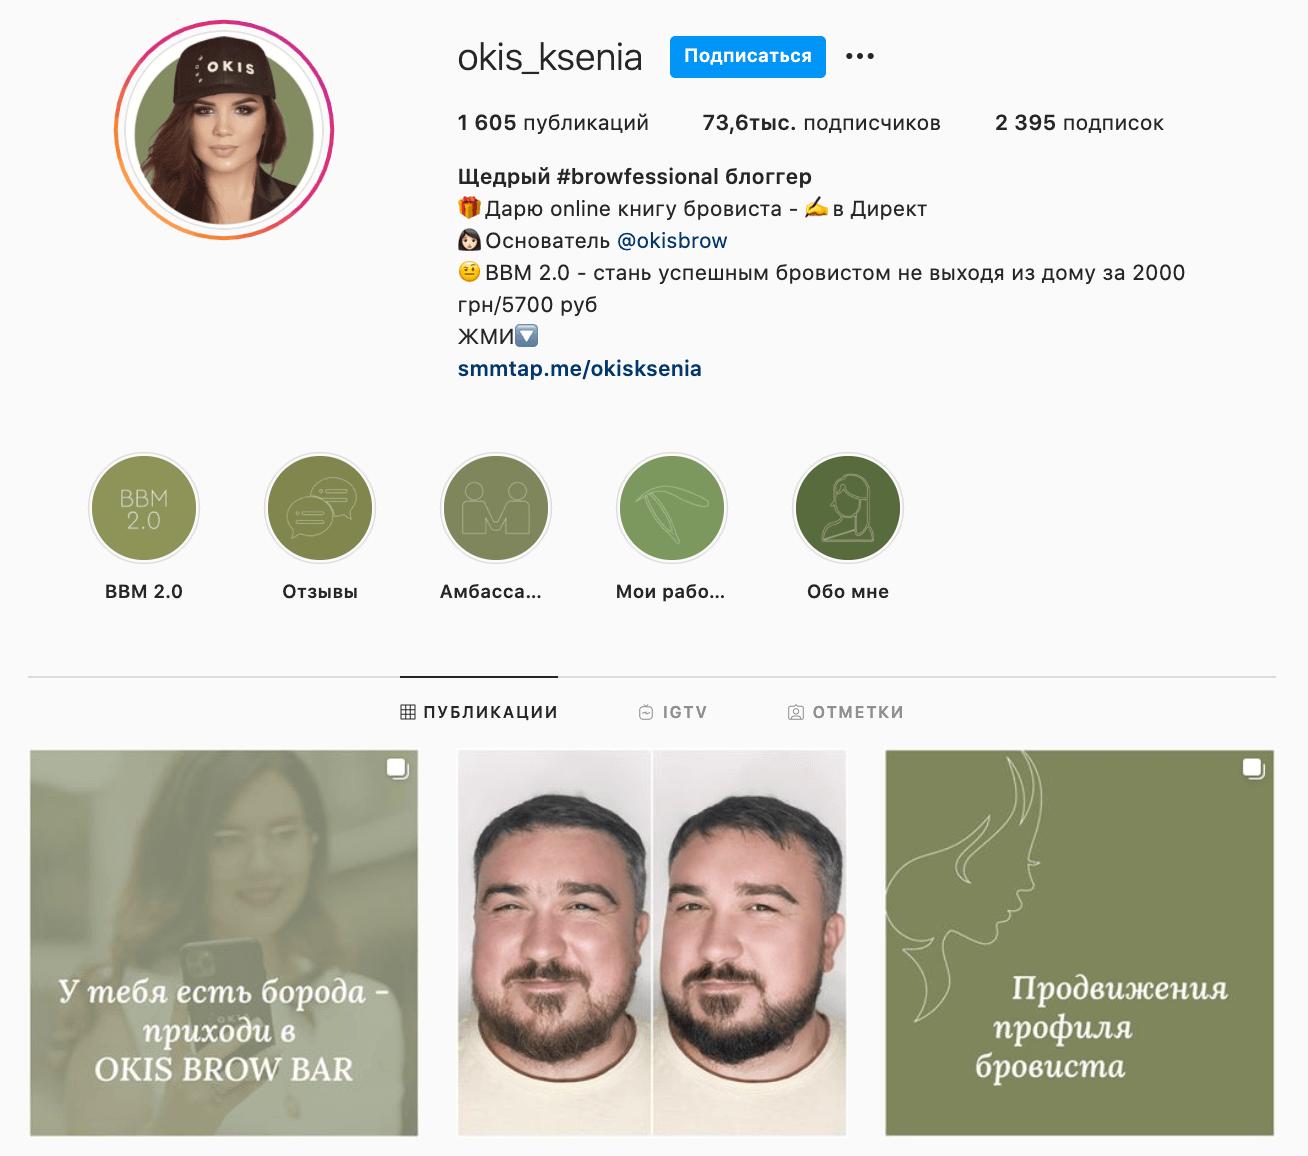 Пример удачного оформления профиля